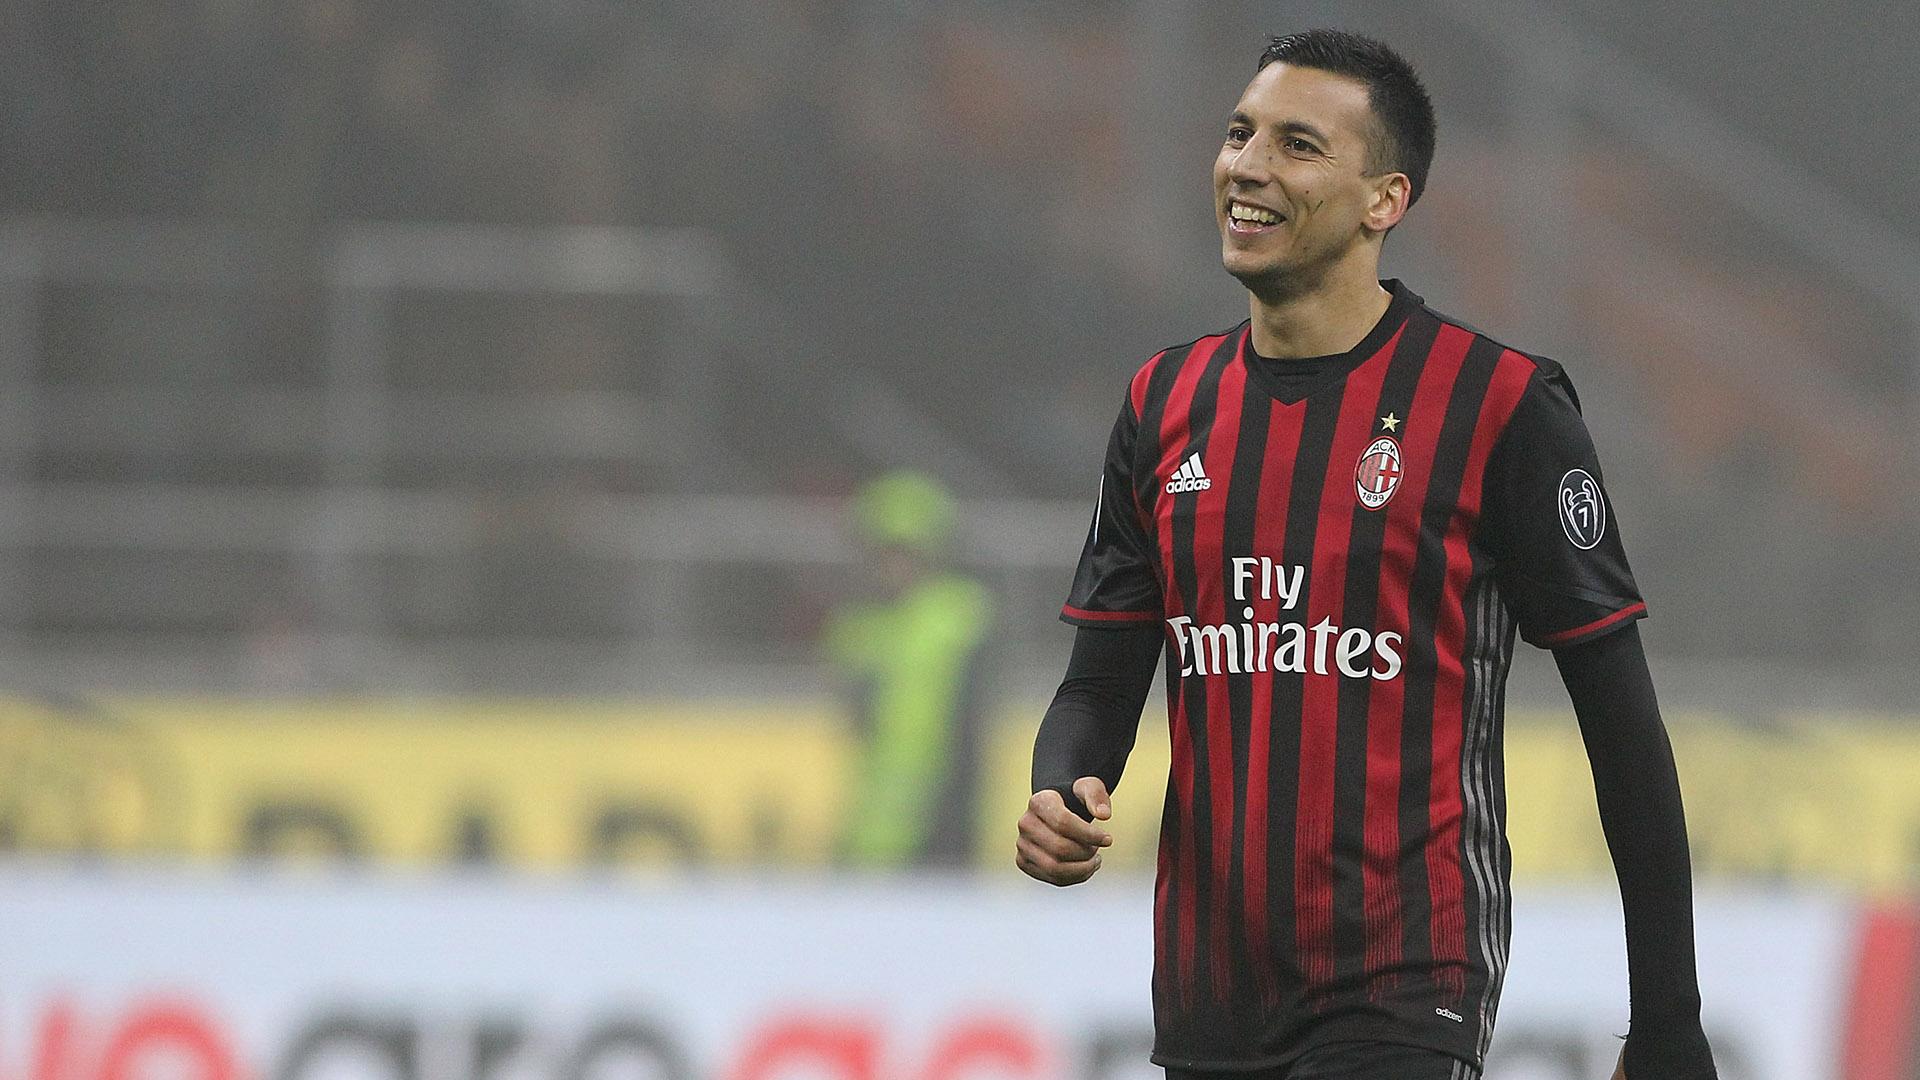 Ufficiale: Milan, ceduto Vangioni al Monterrey